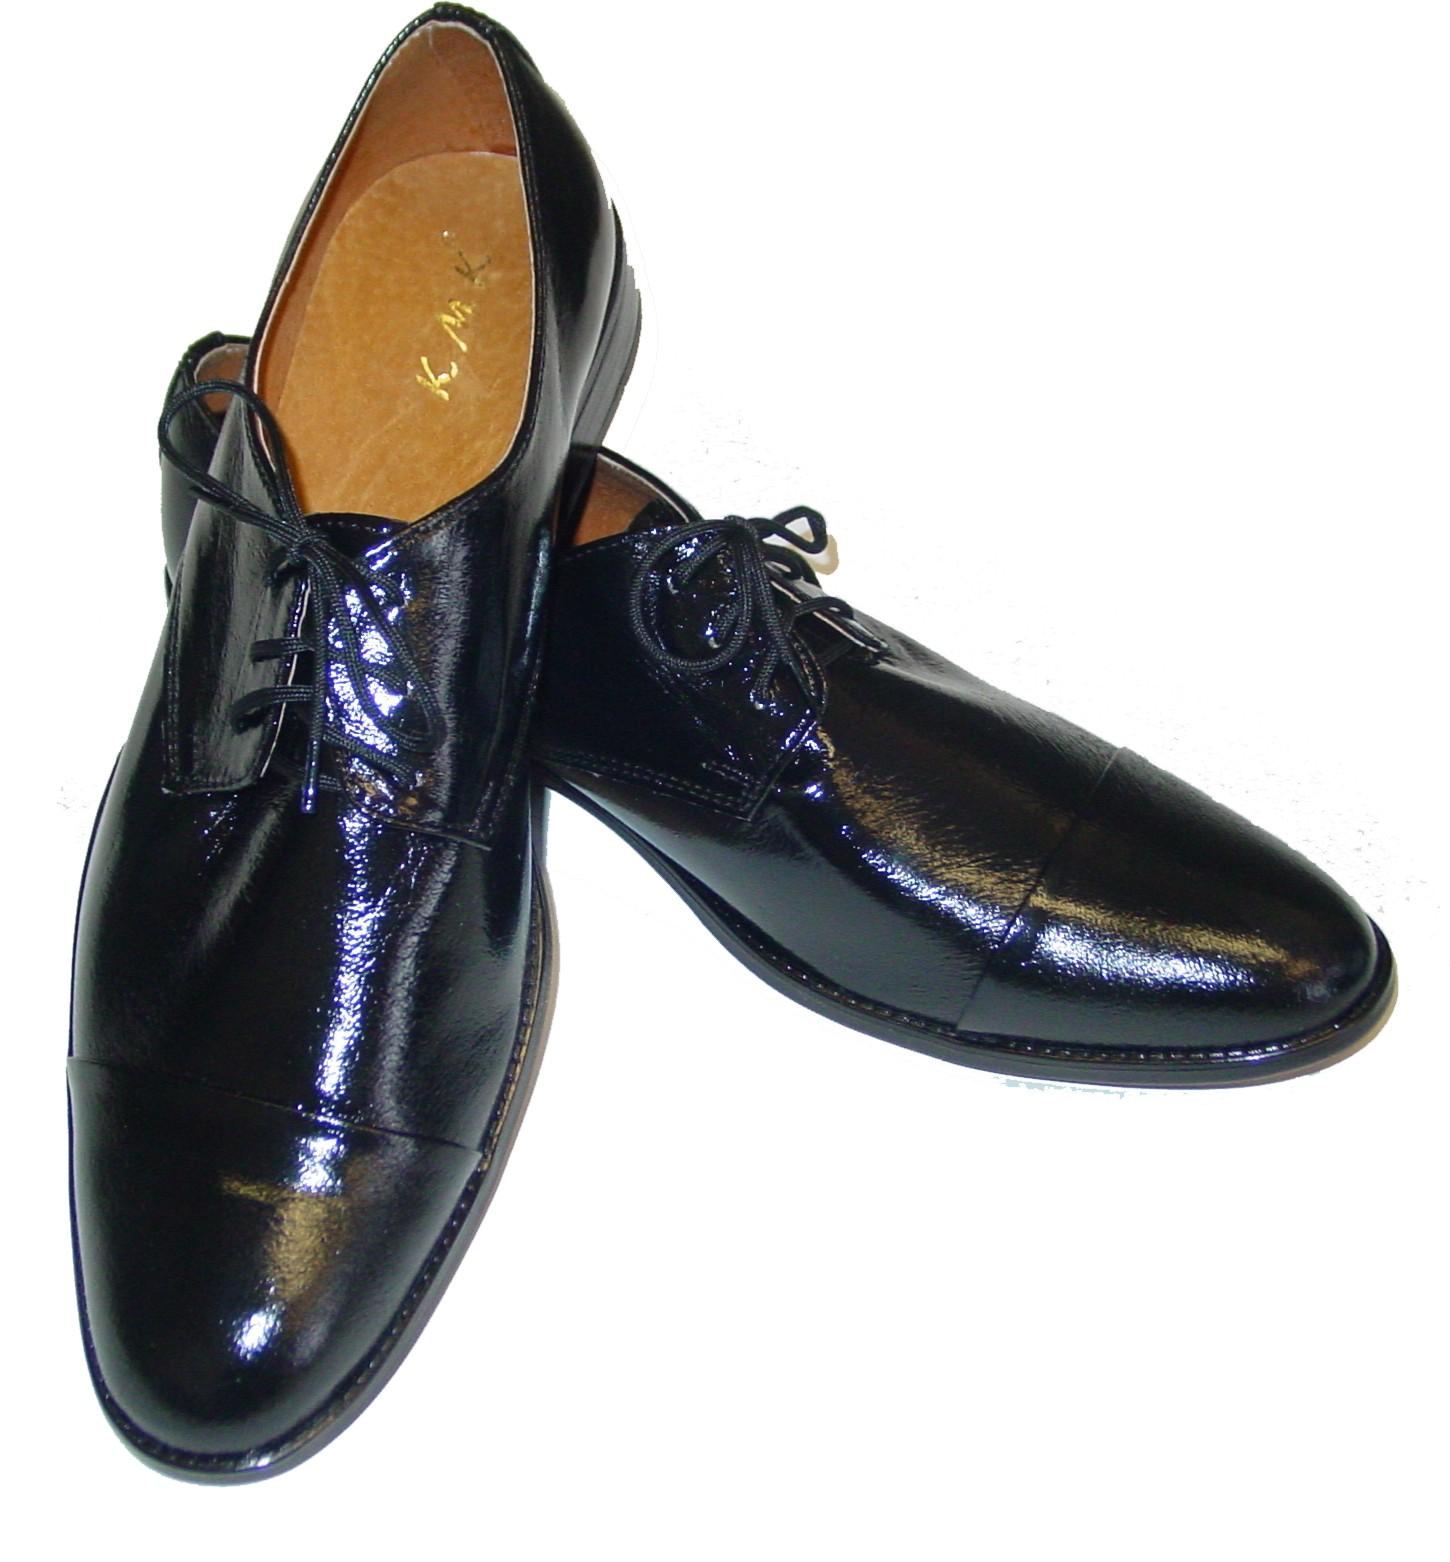 Chlapecké boty střevíce černé lesk. v.39-40  91dbbfee67